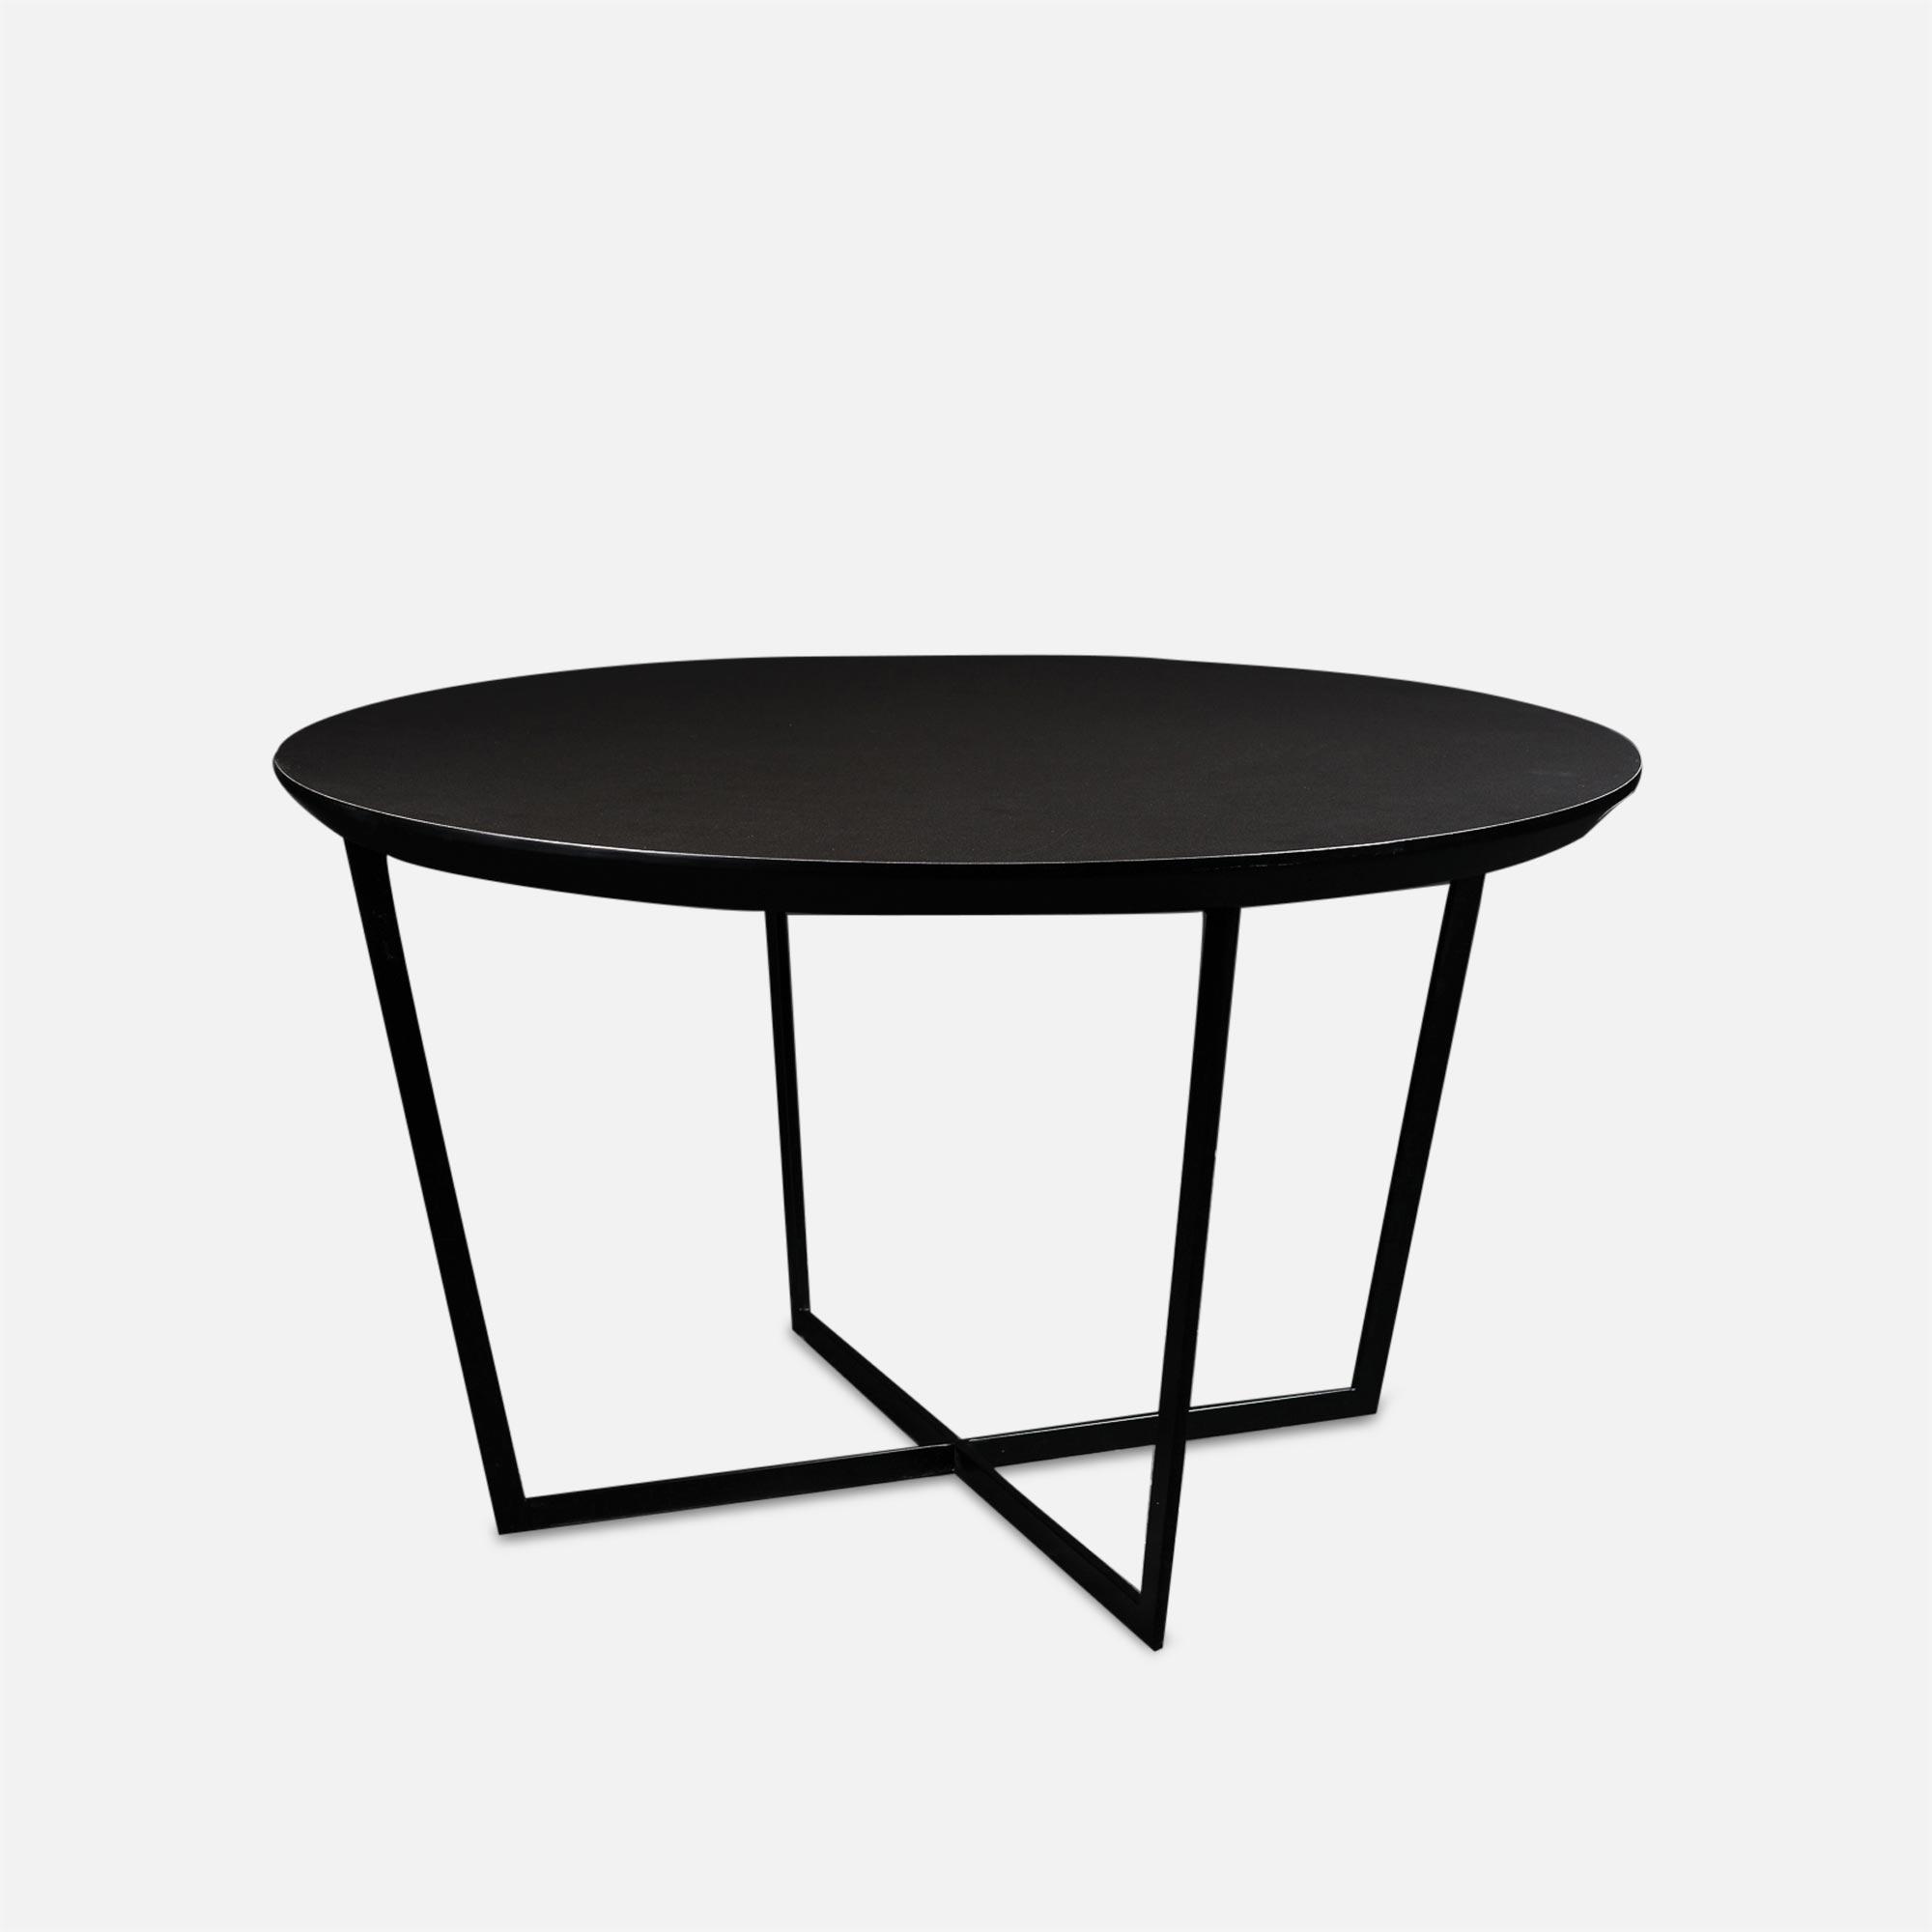 Table basse soho mobilier pour agencement d 39 h tel for Mobilier laque contemporain table basse